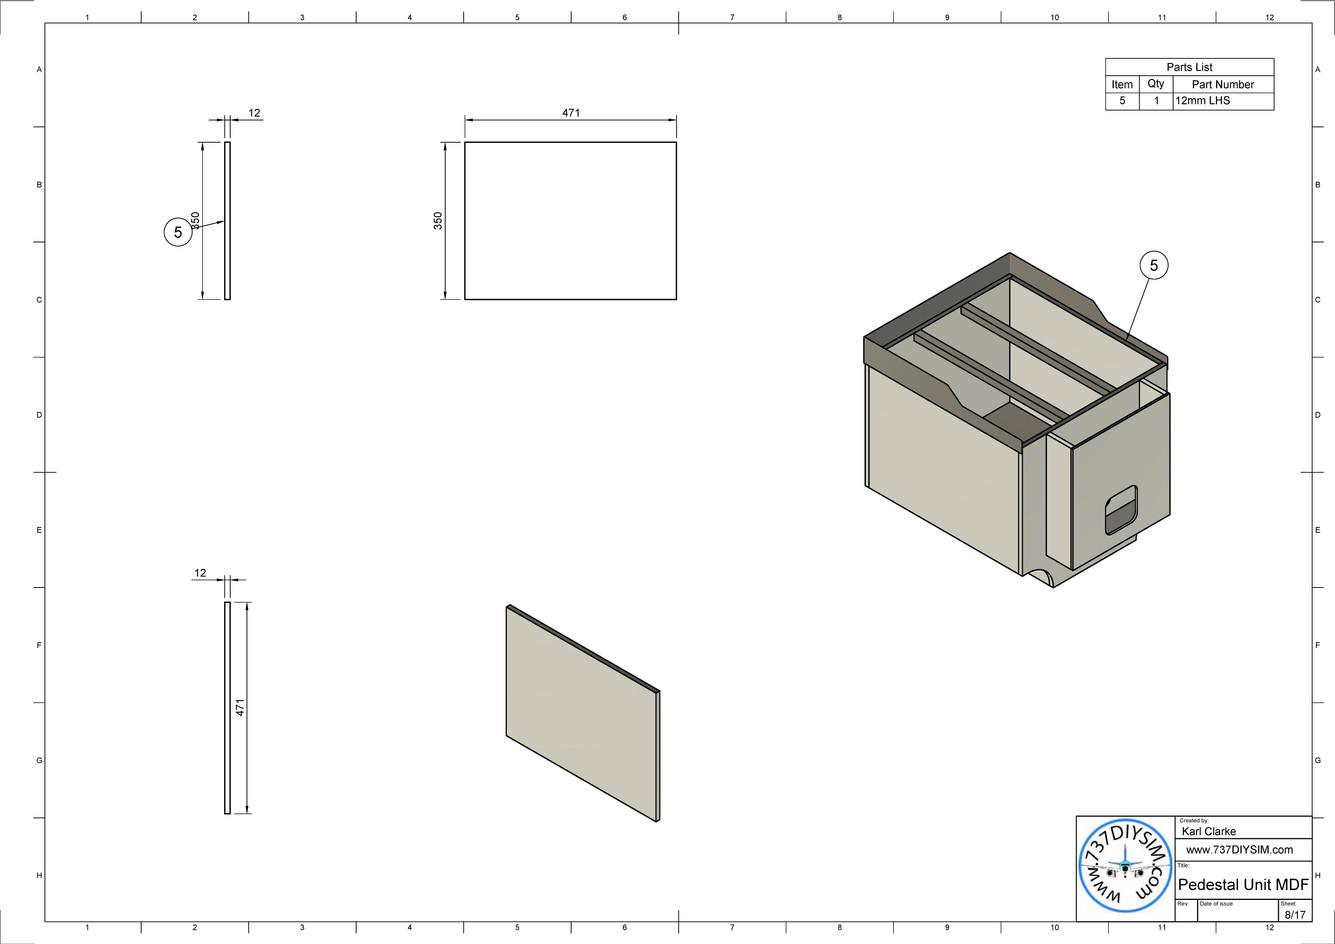 Pedestal Unit MDF Drawing v2-page-008.jp